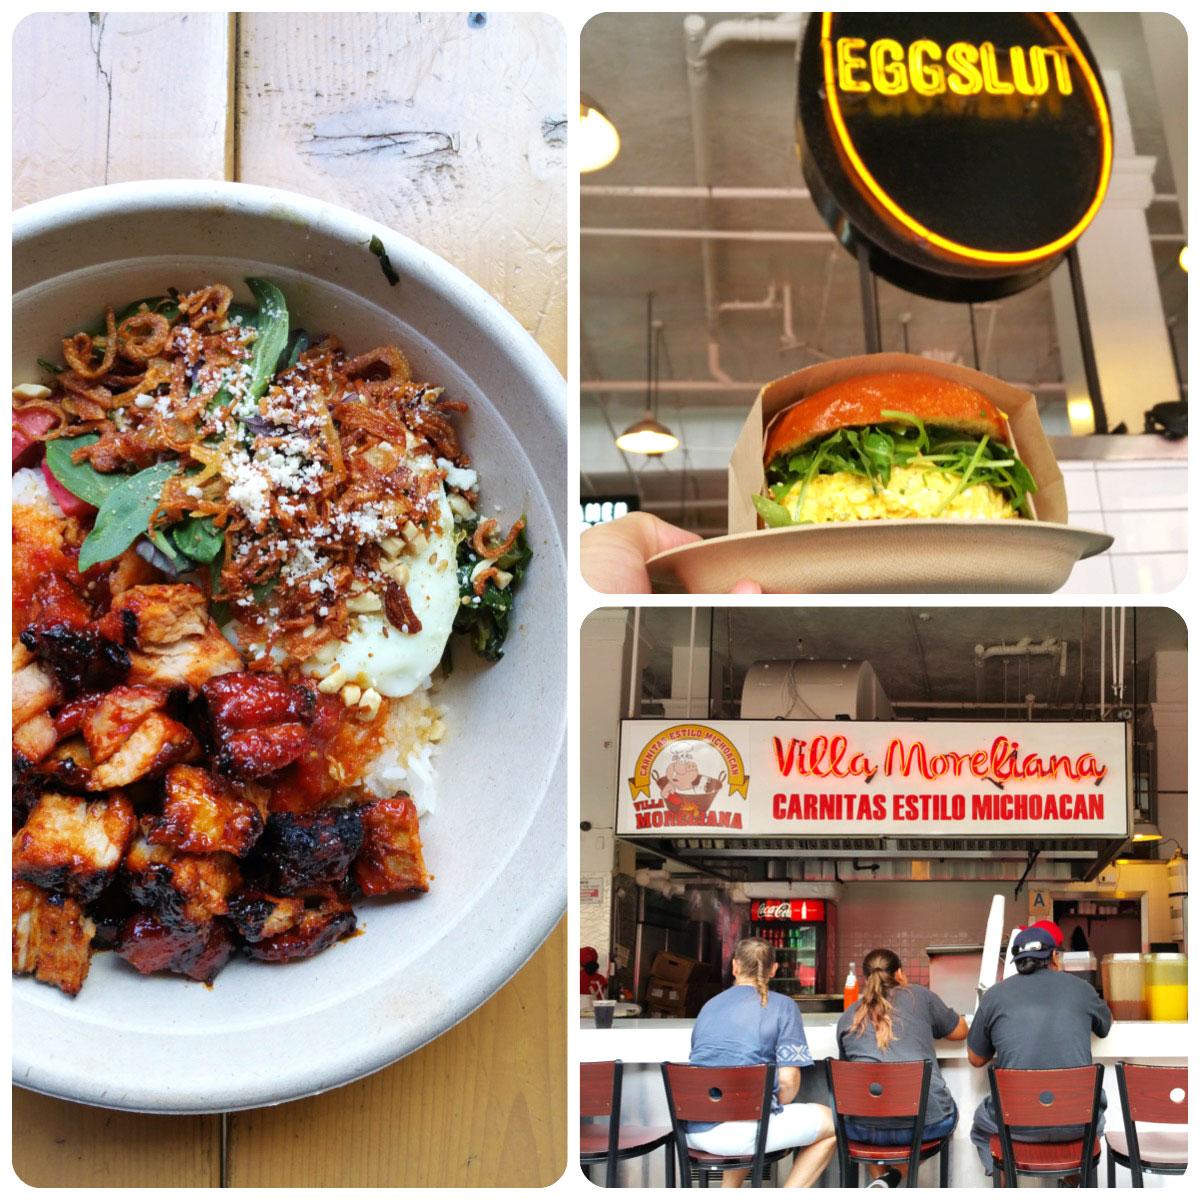 Collage-of-Chego-Eggslut-Villa-Moreliana-LA-gourmet-foodie-collage.jpg